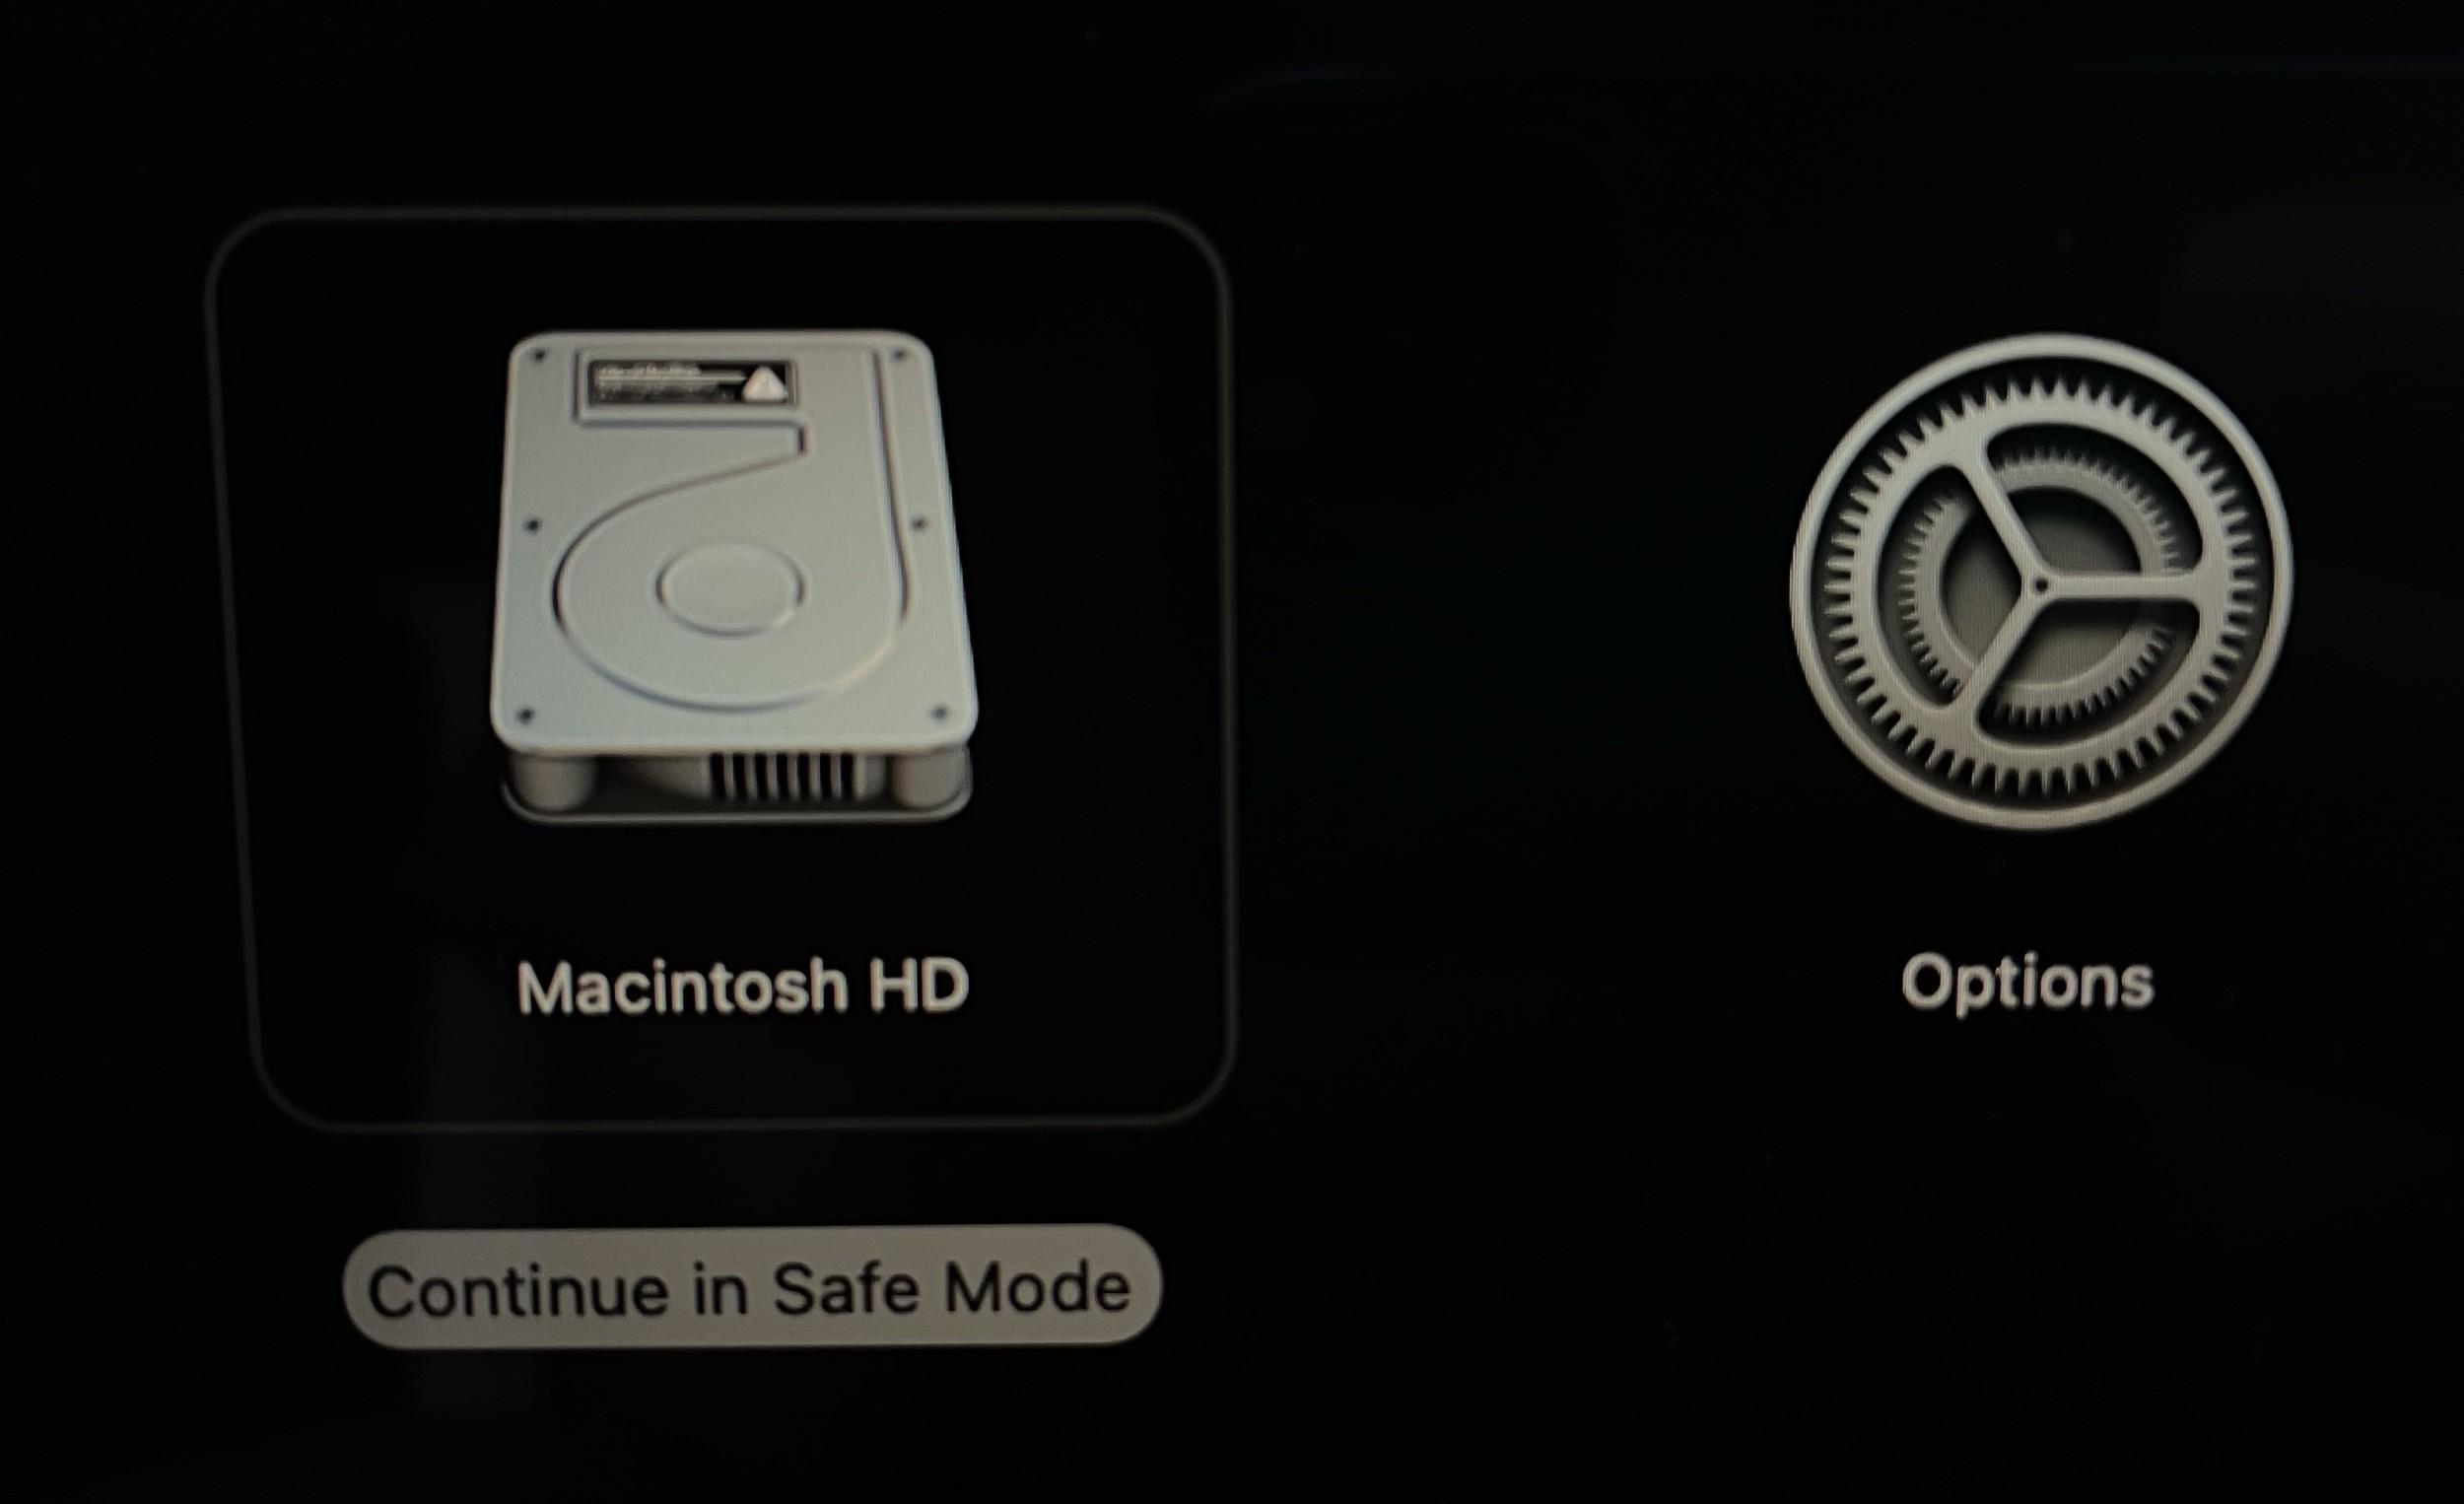 Cómo arrancar nuestro Mac con Apple silicon en modo seguro